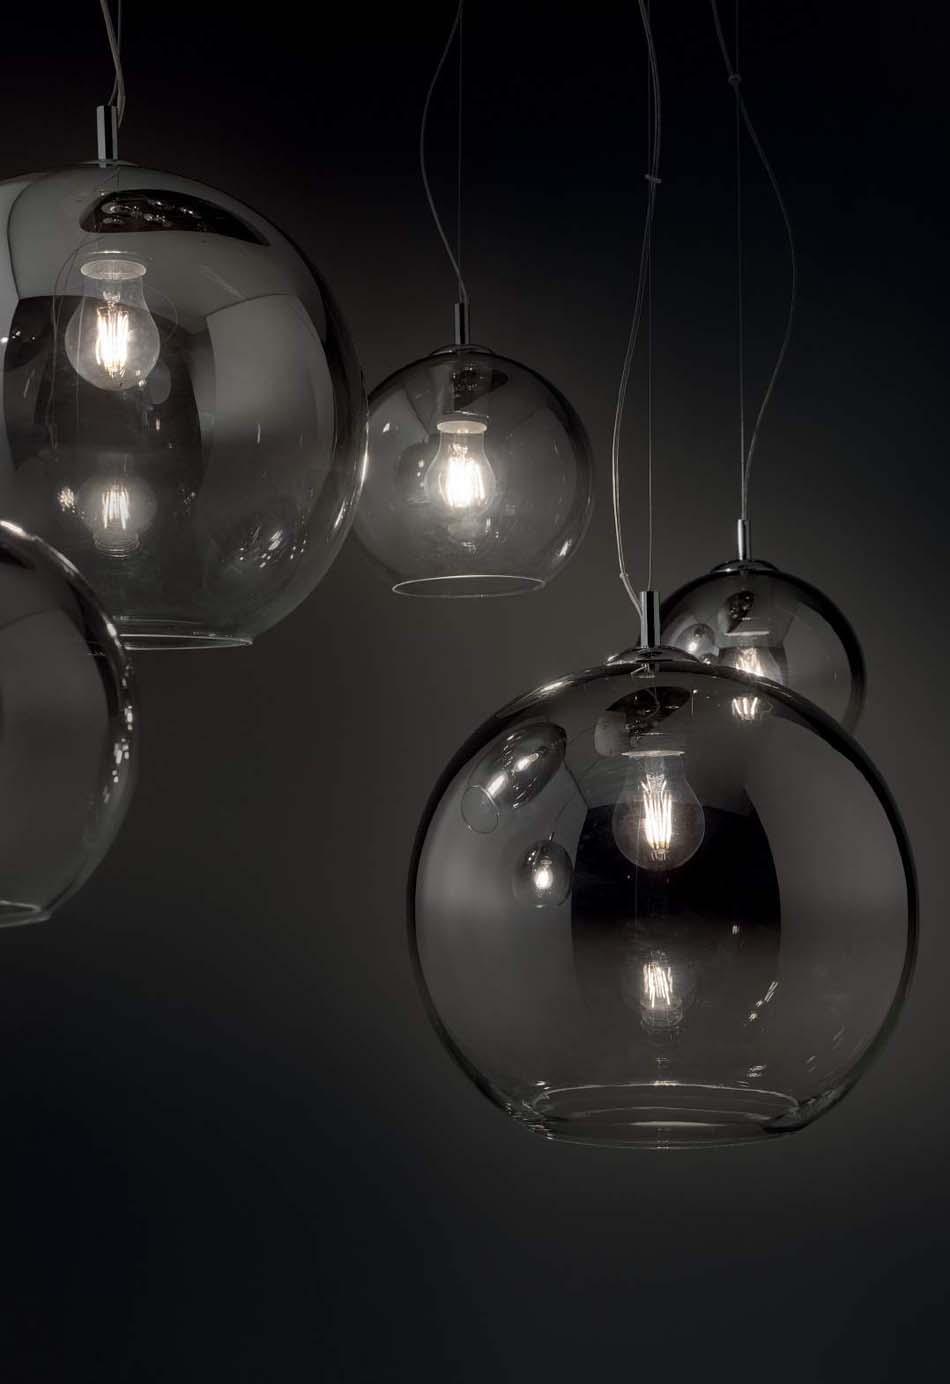 Lampade 48 sospese Ideal Lux Discovery Fade – Toscana Arredamenti